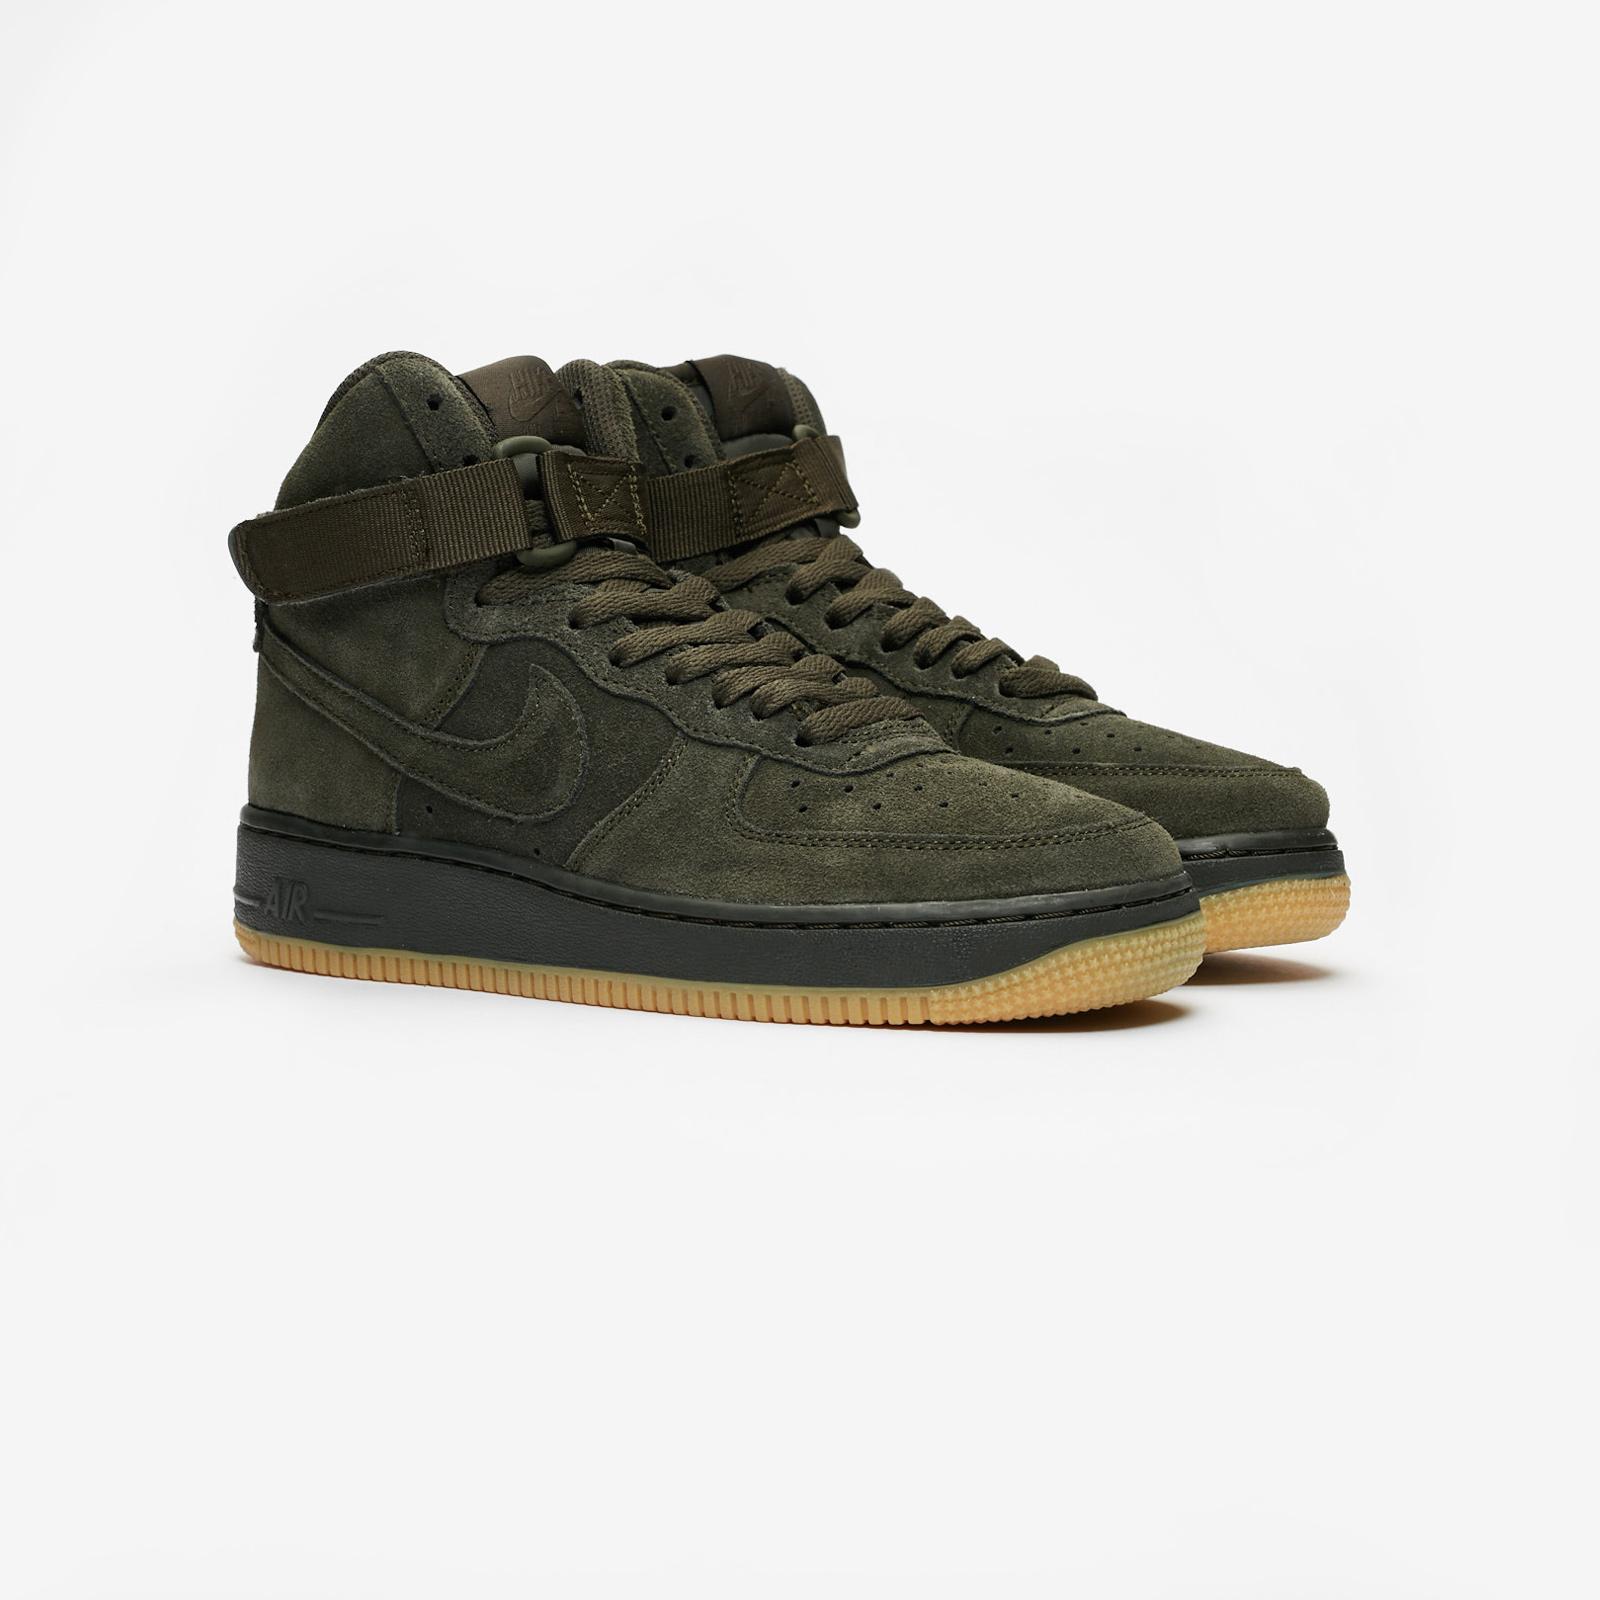 Nike Air Force 1 High LV8 (GS) - 807617